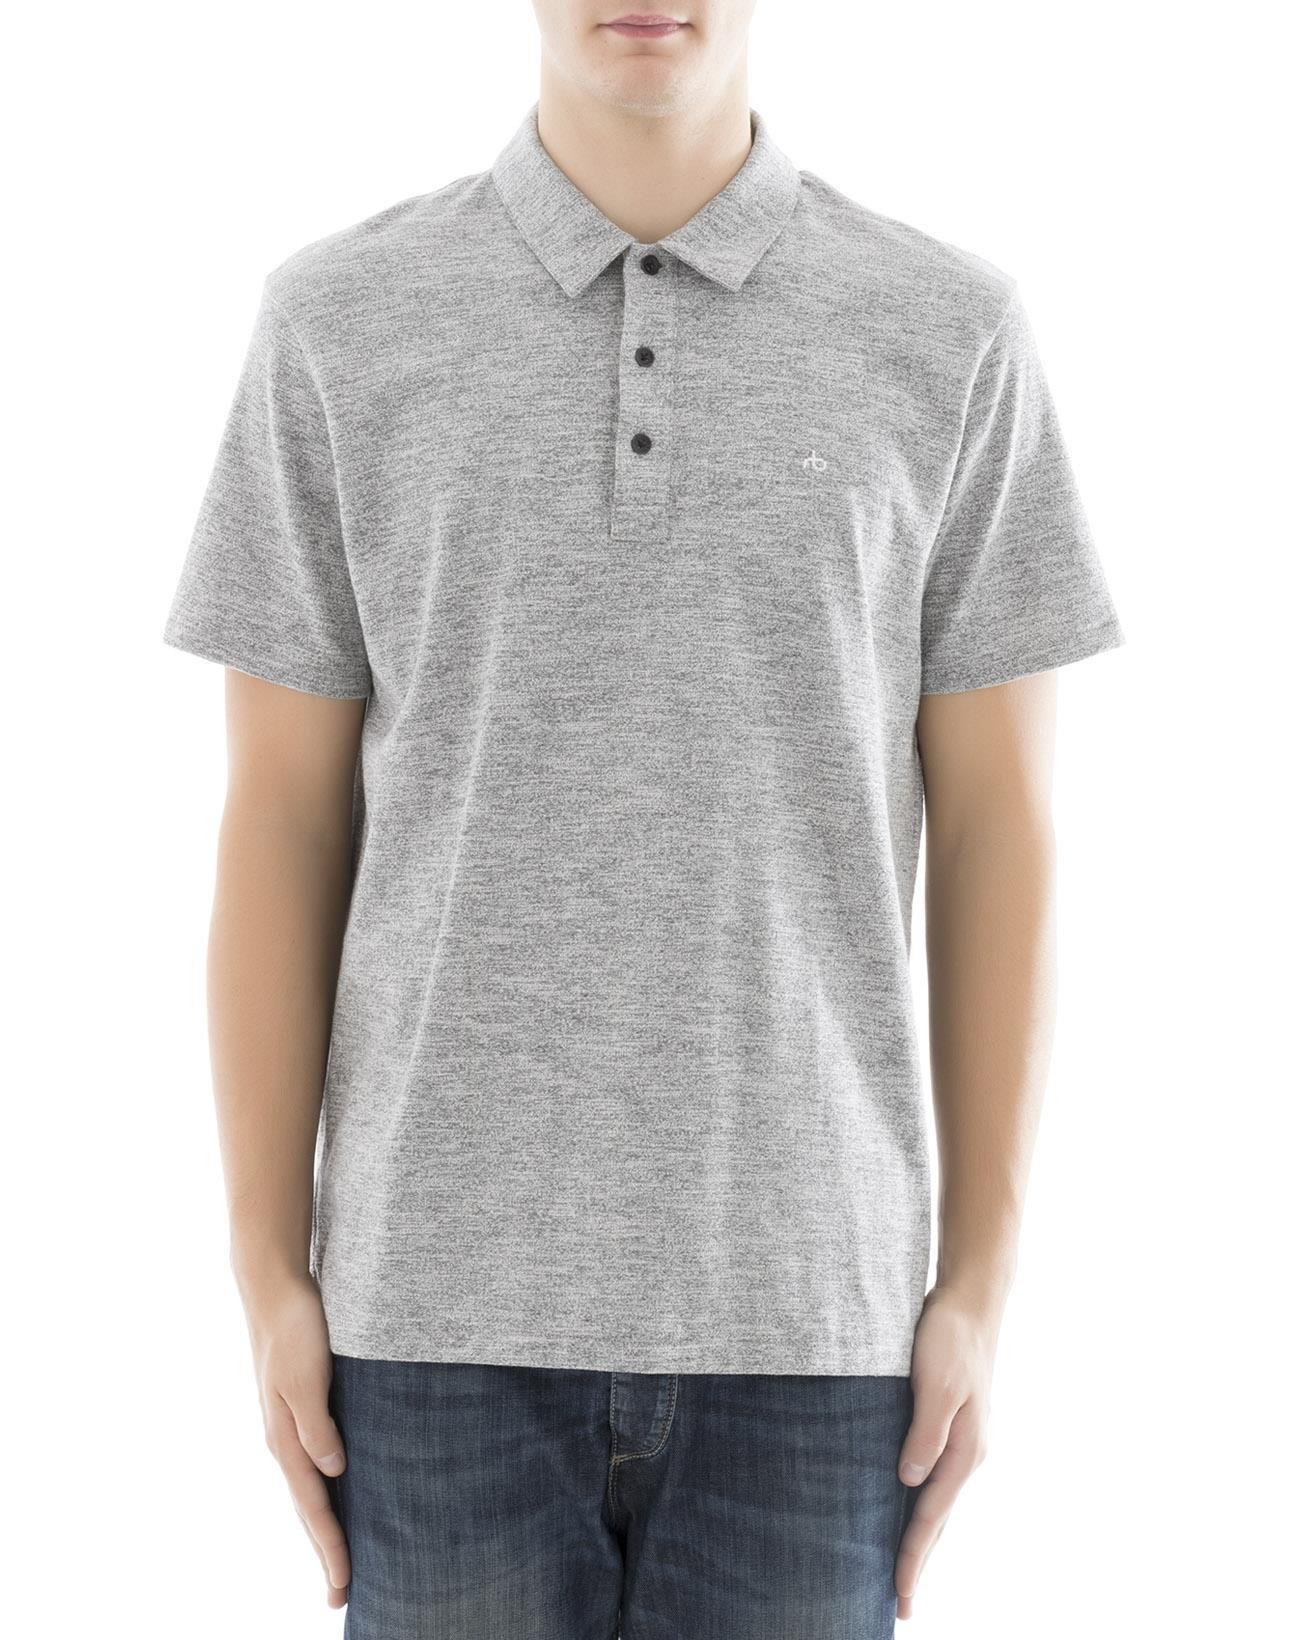 rag & bone Men's M000t076c030 Grey Cotton Polo Shirt by rag & bone (Image #1)